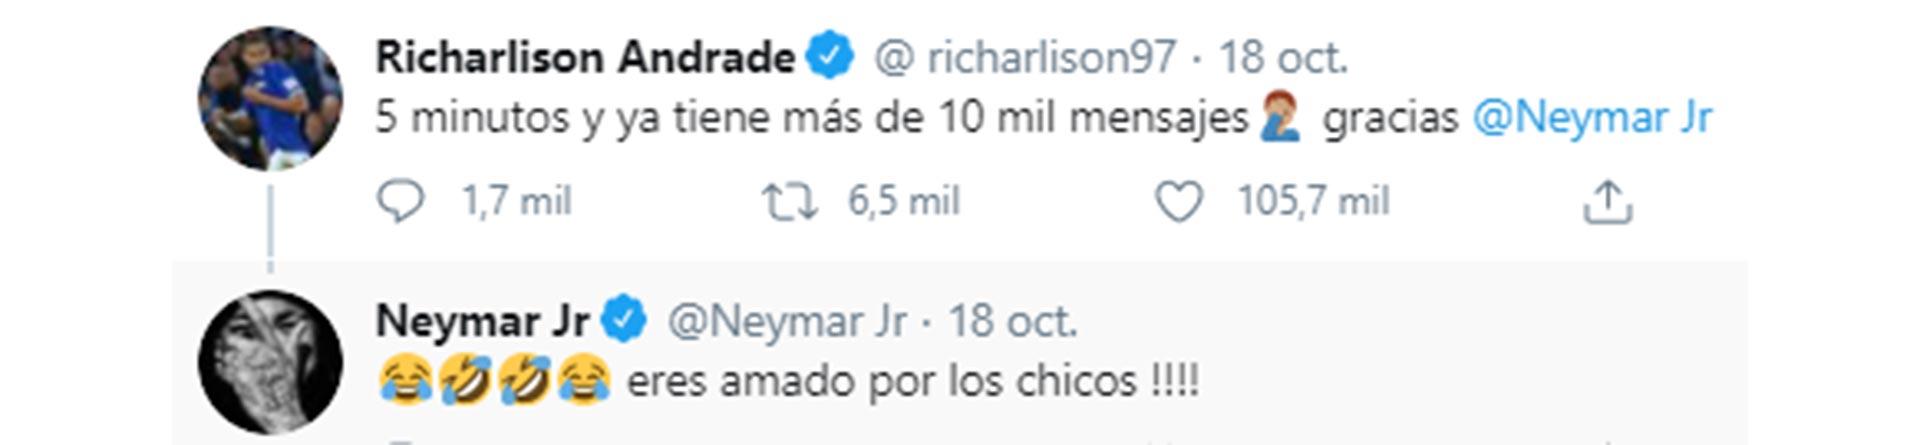 Richarlison y Neymar la siguieron en las redes sociales (Twitter)